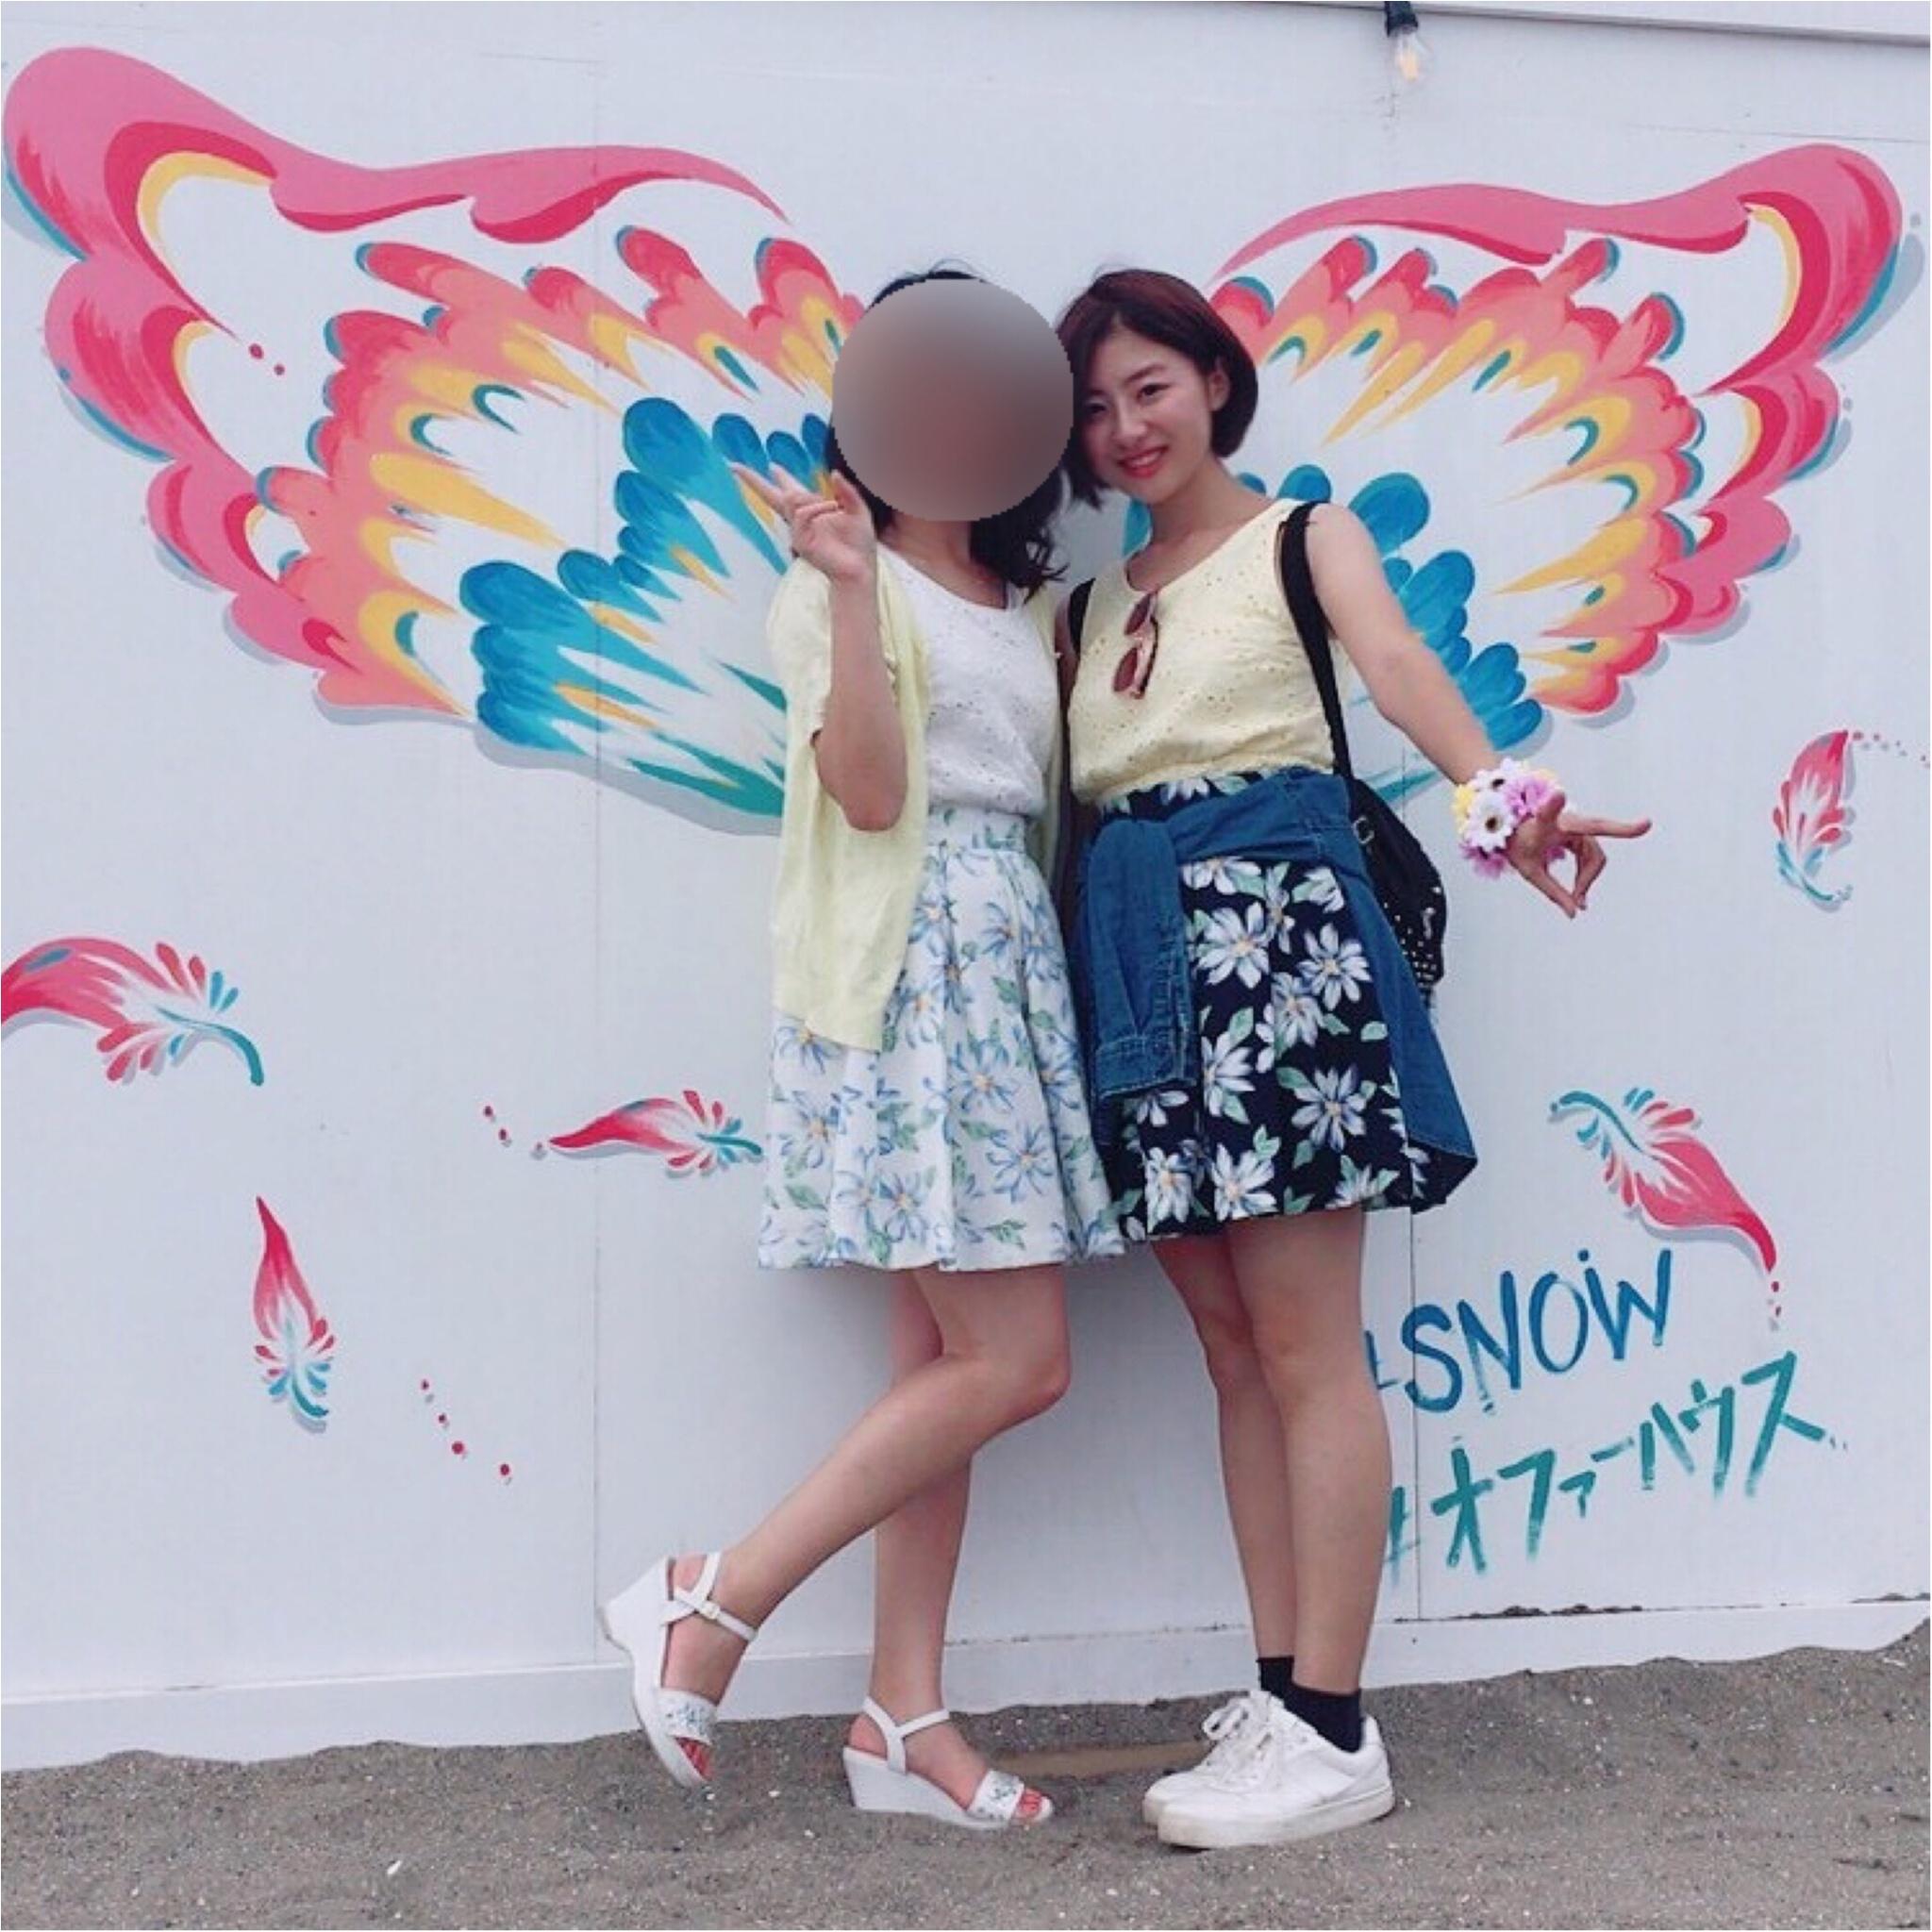 【三浦海岸編】LIVE!パネル!双子コーデ!夏にぴったり フォトジェニックなスポット!_6